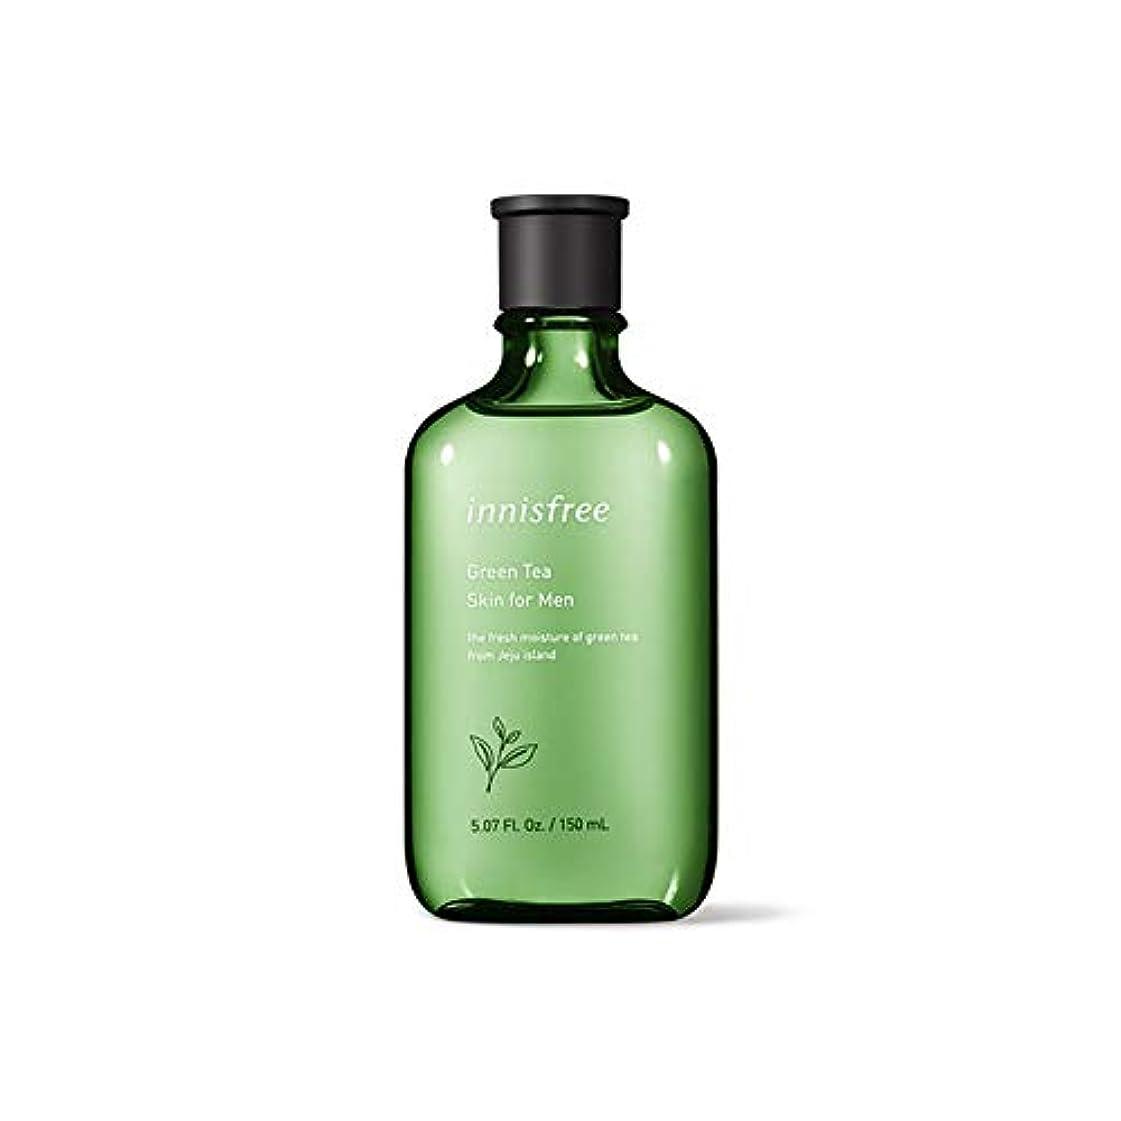 トロリーバス近代化移動イニスフリー Innisfree グリーンティースキンフォーメン(150ml) Innisfree Green Tea Skin For Men(150ml) [海外直送品]